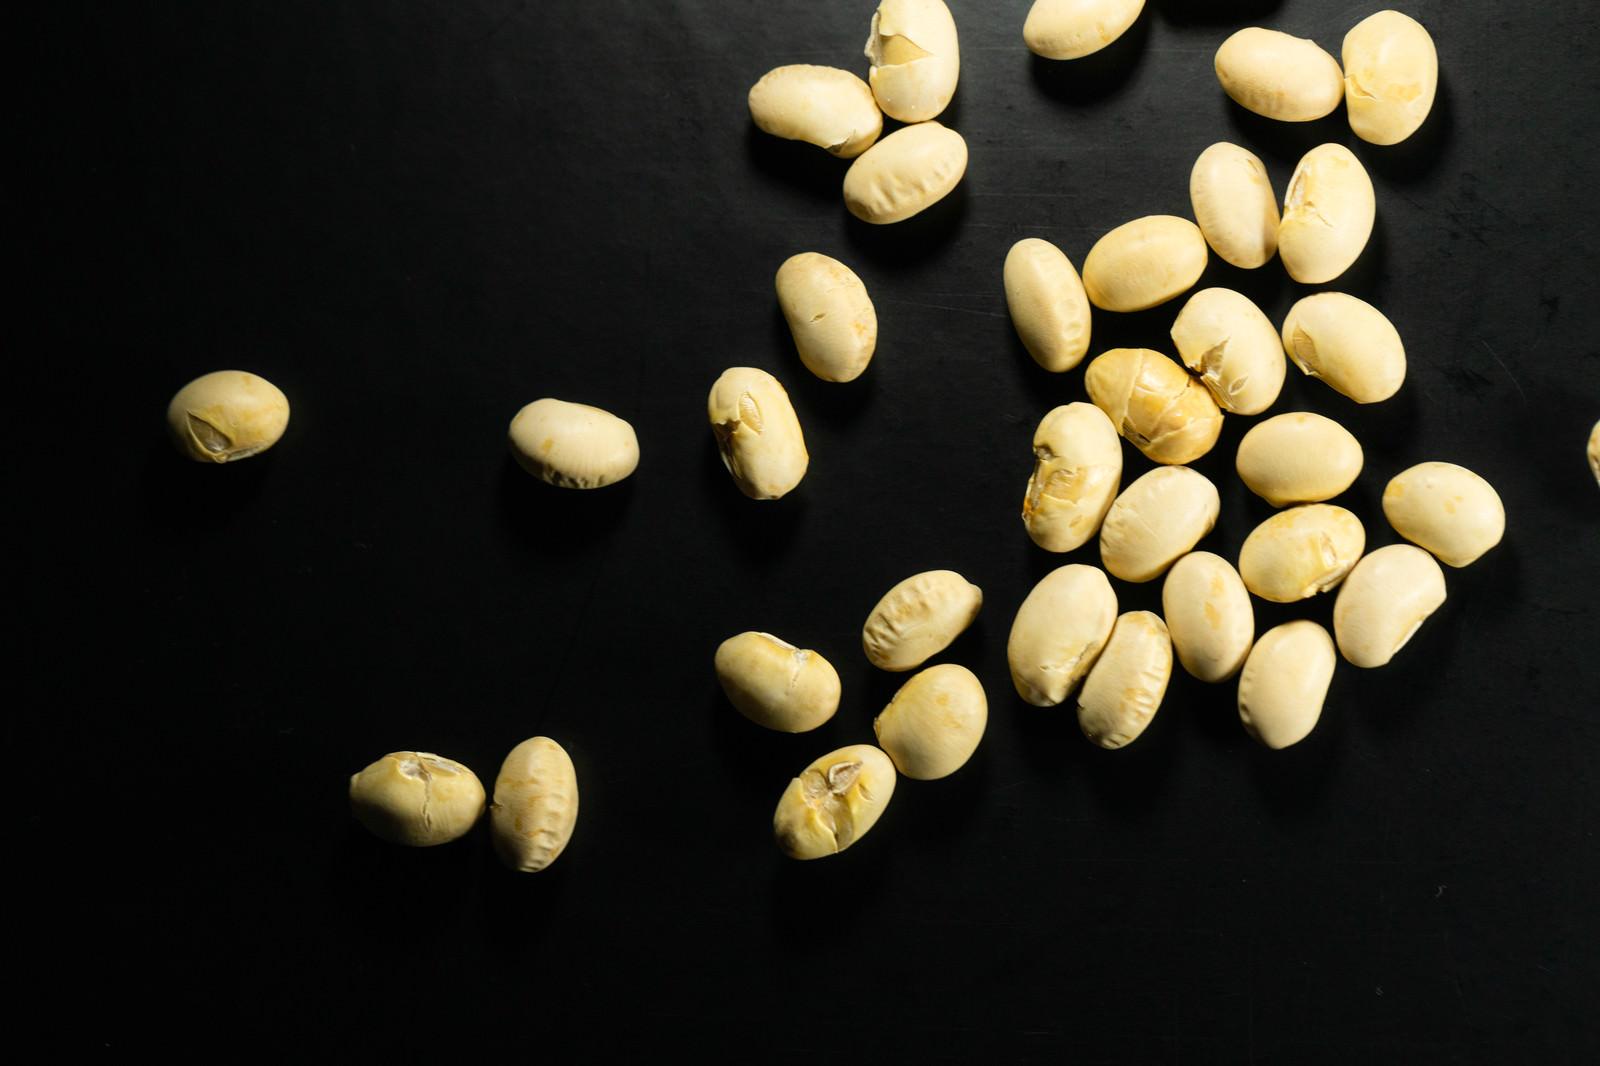 「高タンパクの大豆」の写真